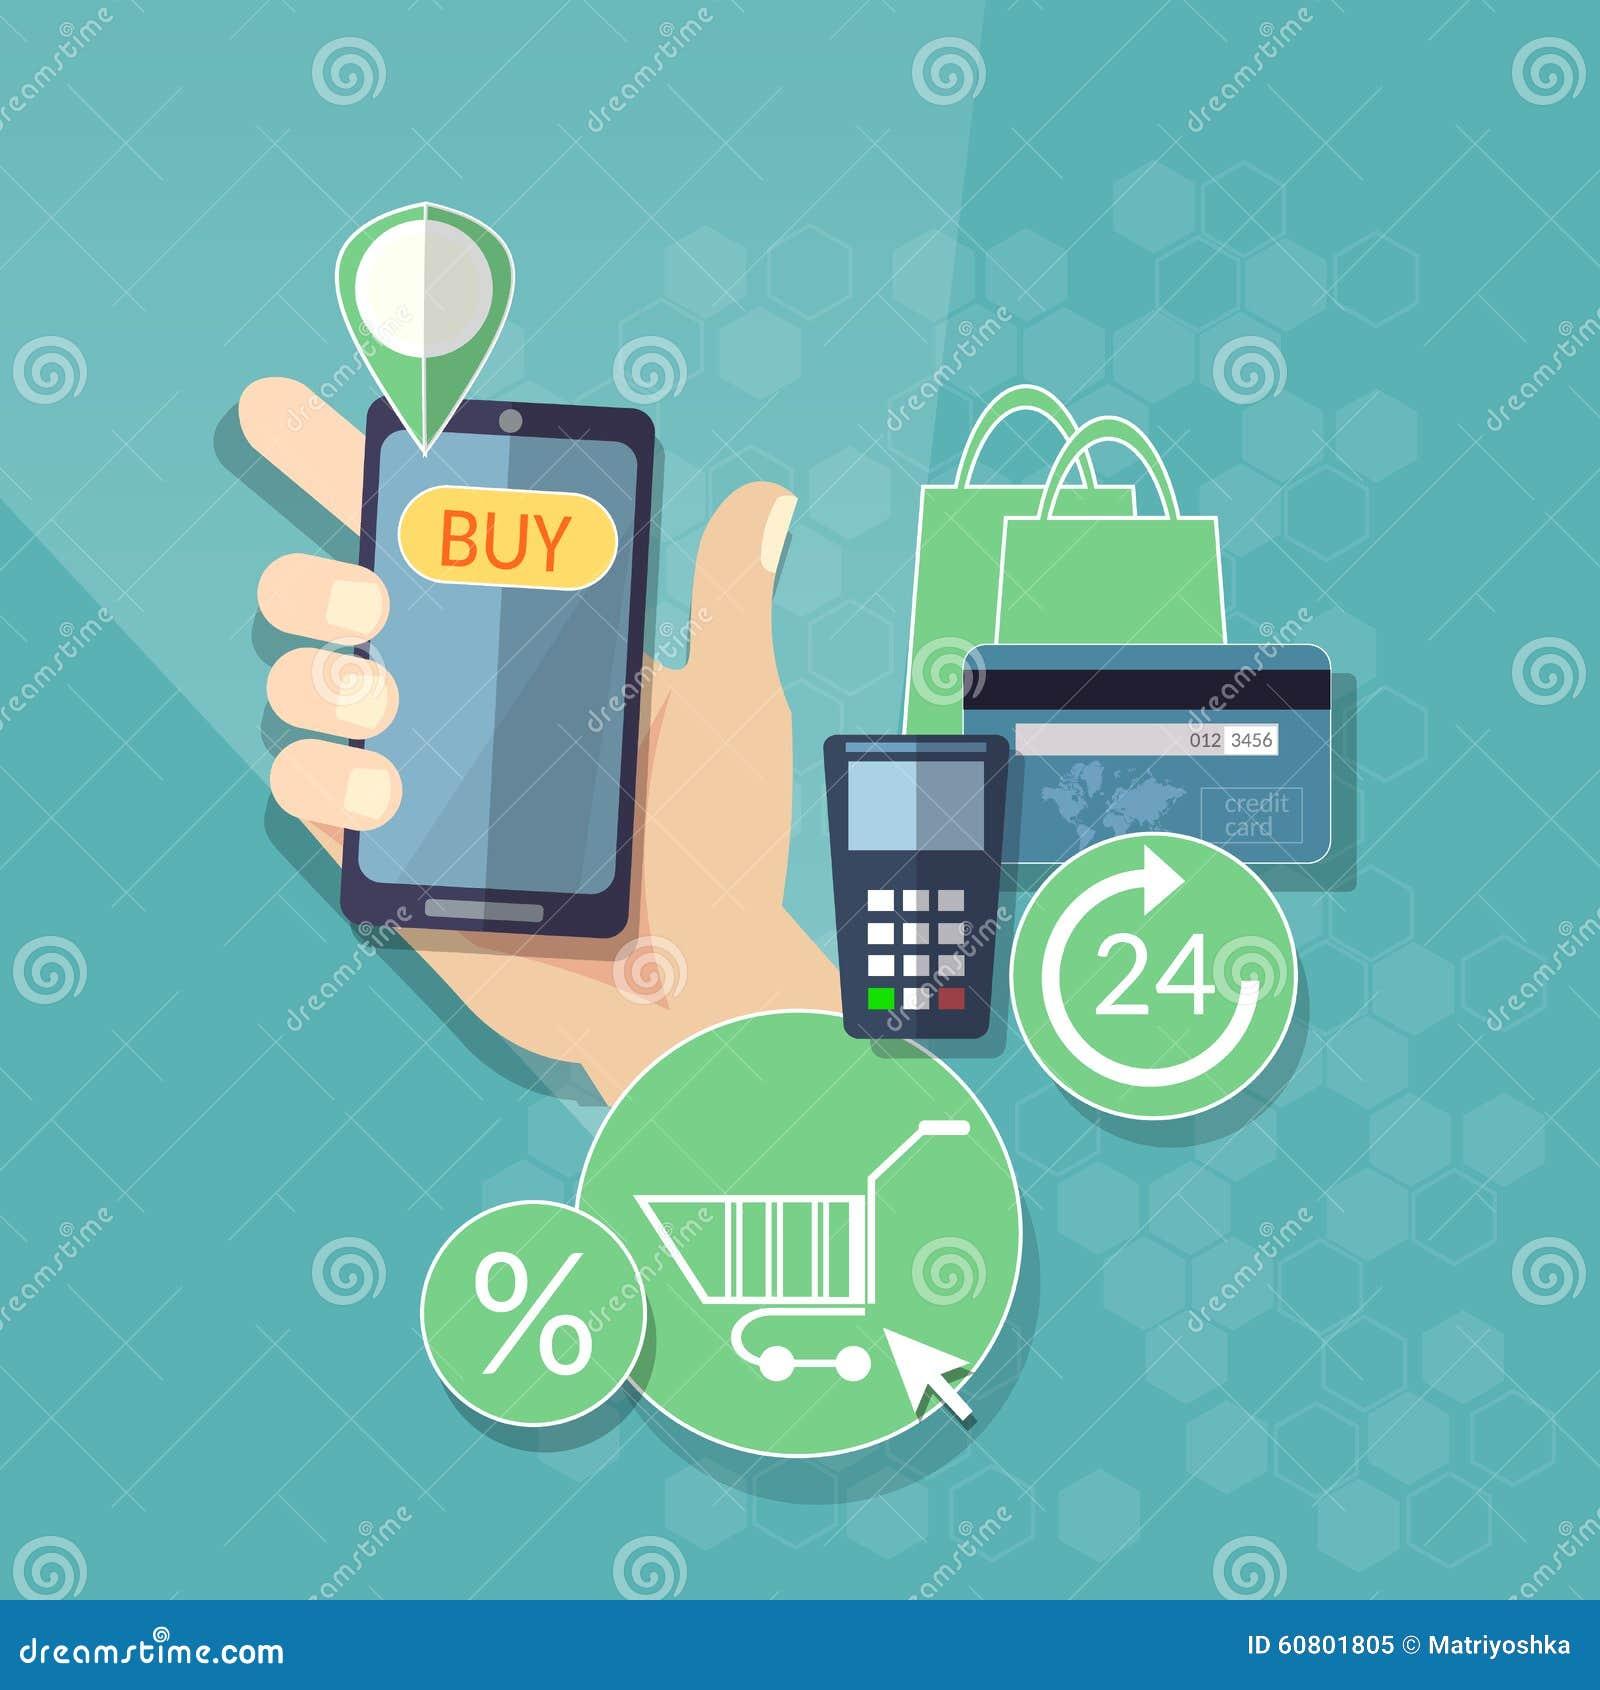 Knapp för shopping för online-shoppinge-kommers begrepp mobil